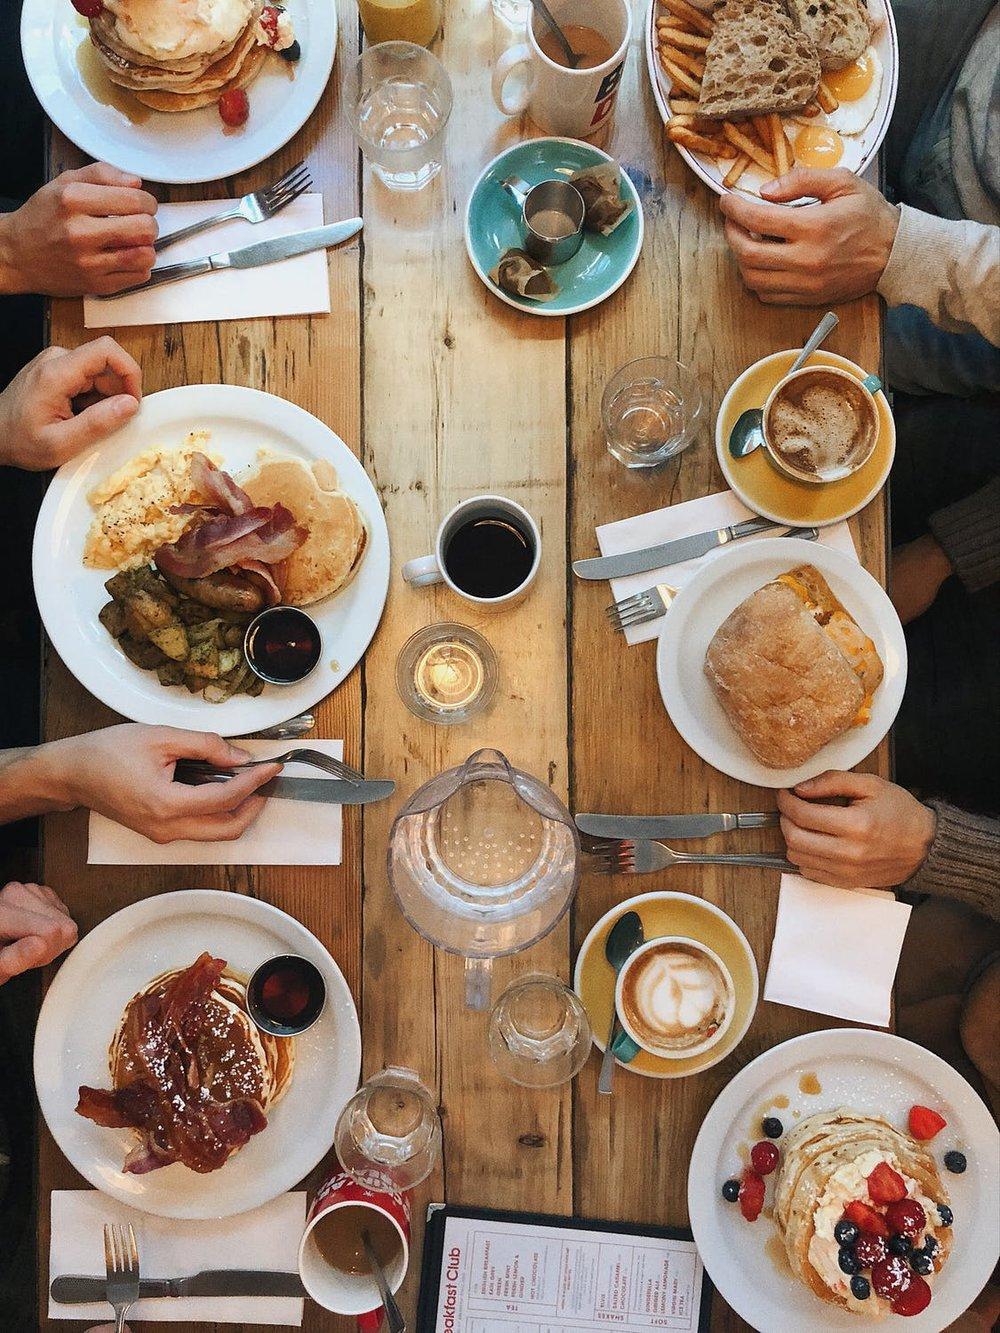 TABLE AND FOOD.jpeg